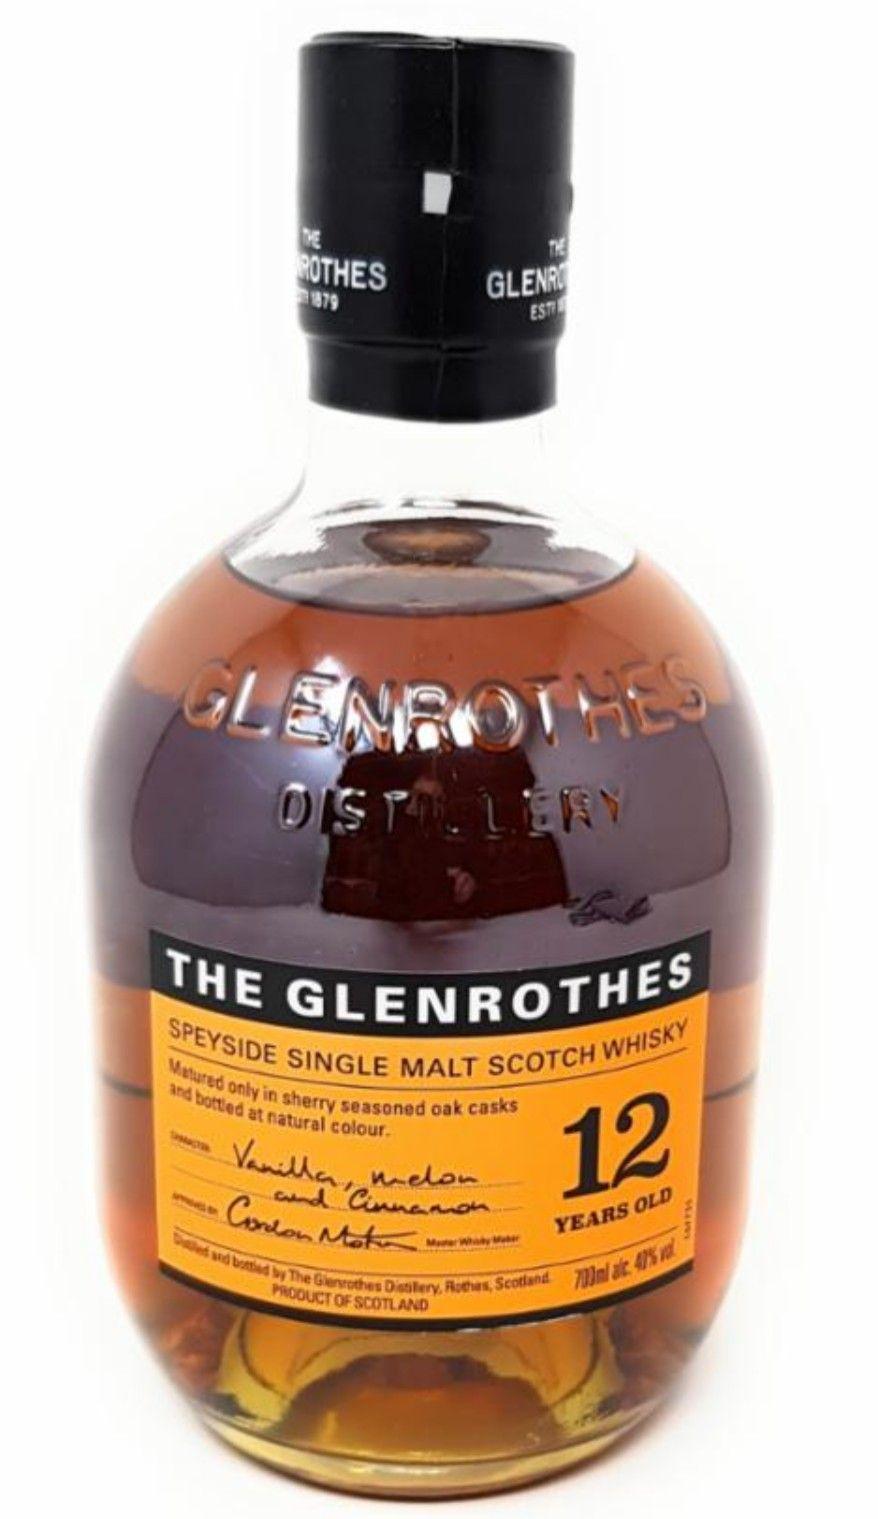 Glenrothes 12 Single Malt Scotch Whisky 0,7l